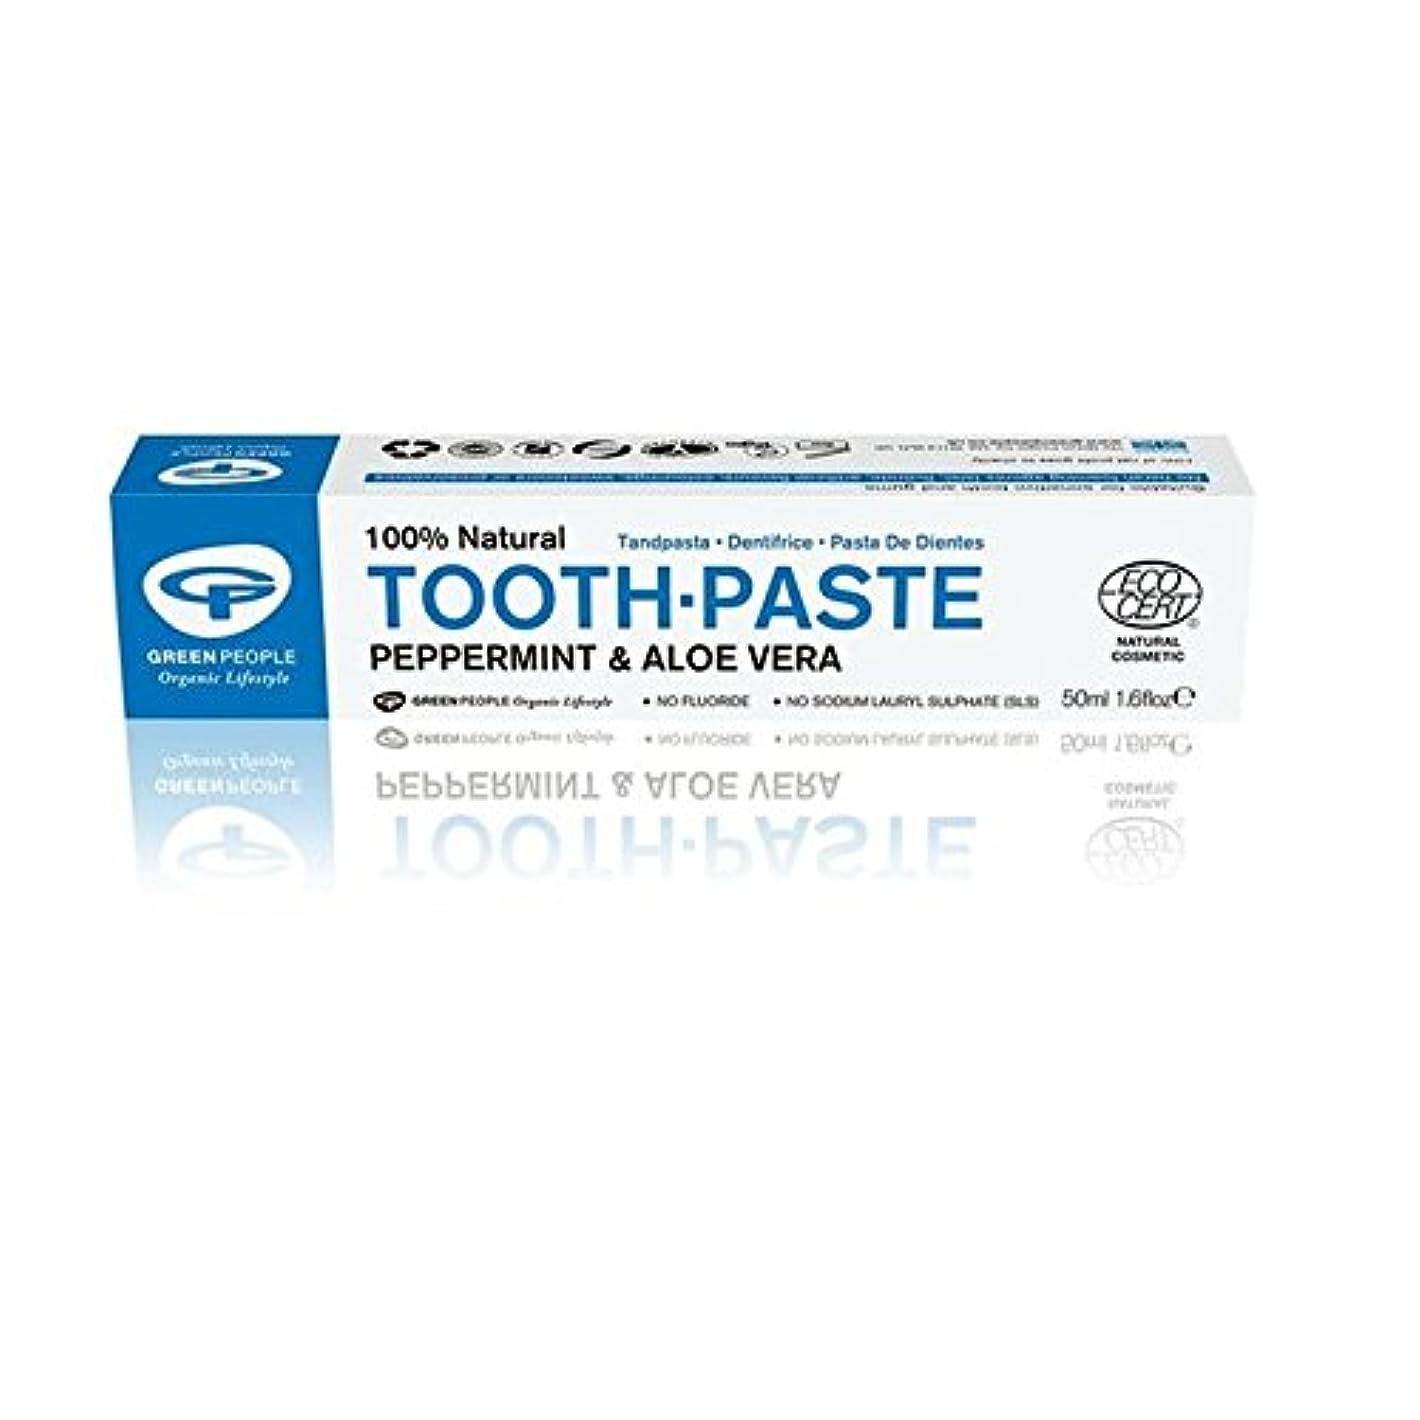 ディレイ遡る昇る緑の人々の自然ミント歯磨き粉50ミリリットル x2 - Green People Natural Mint Toothpaste 50ml (Pack of 2) [並行輸入品]